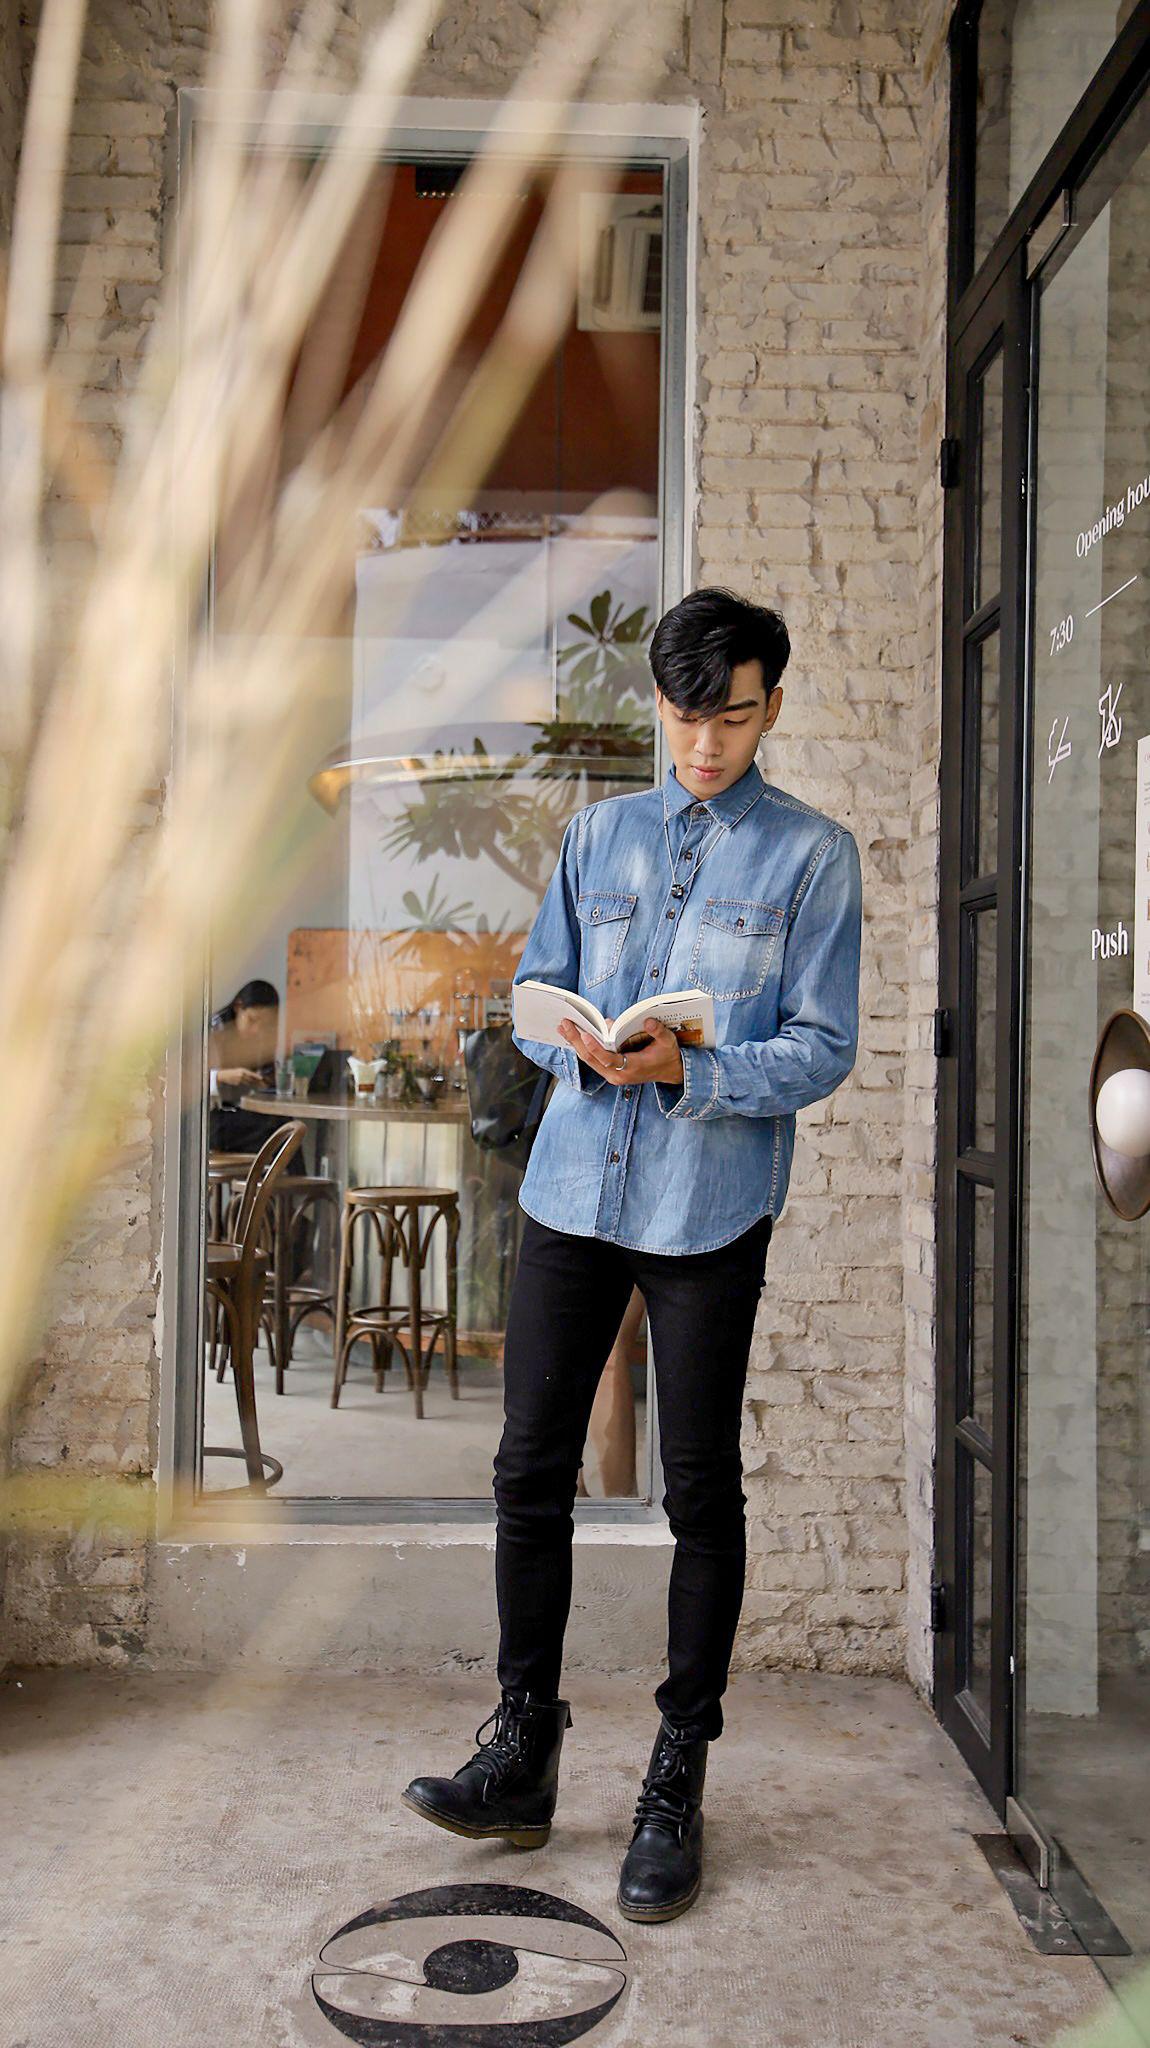 5 công thức diện jeans ton sur ton mà các cặp đôi không thể bỏ qua - Ảnh 7.